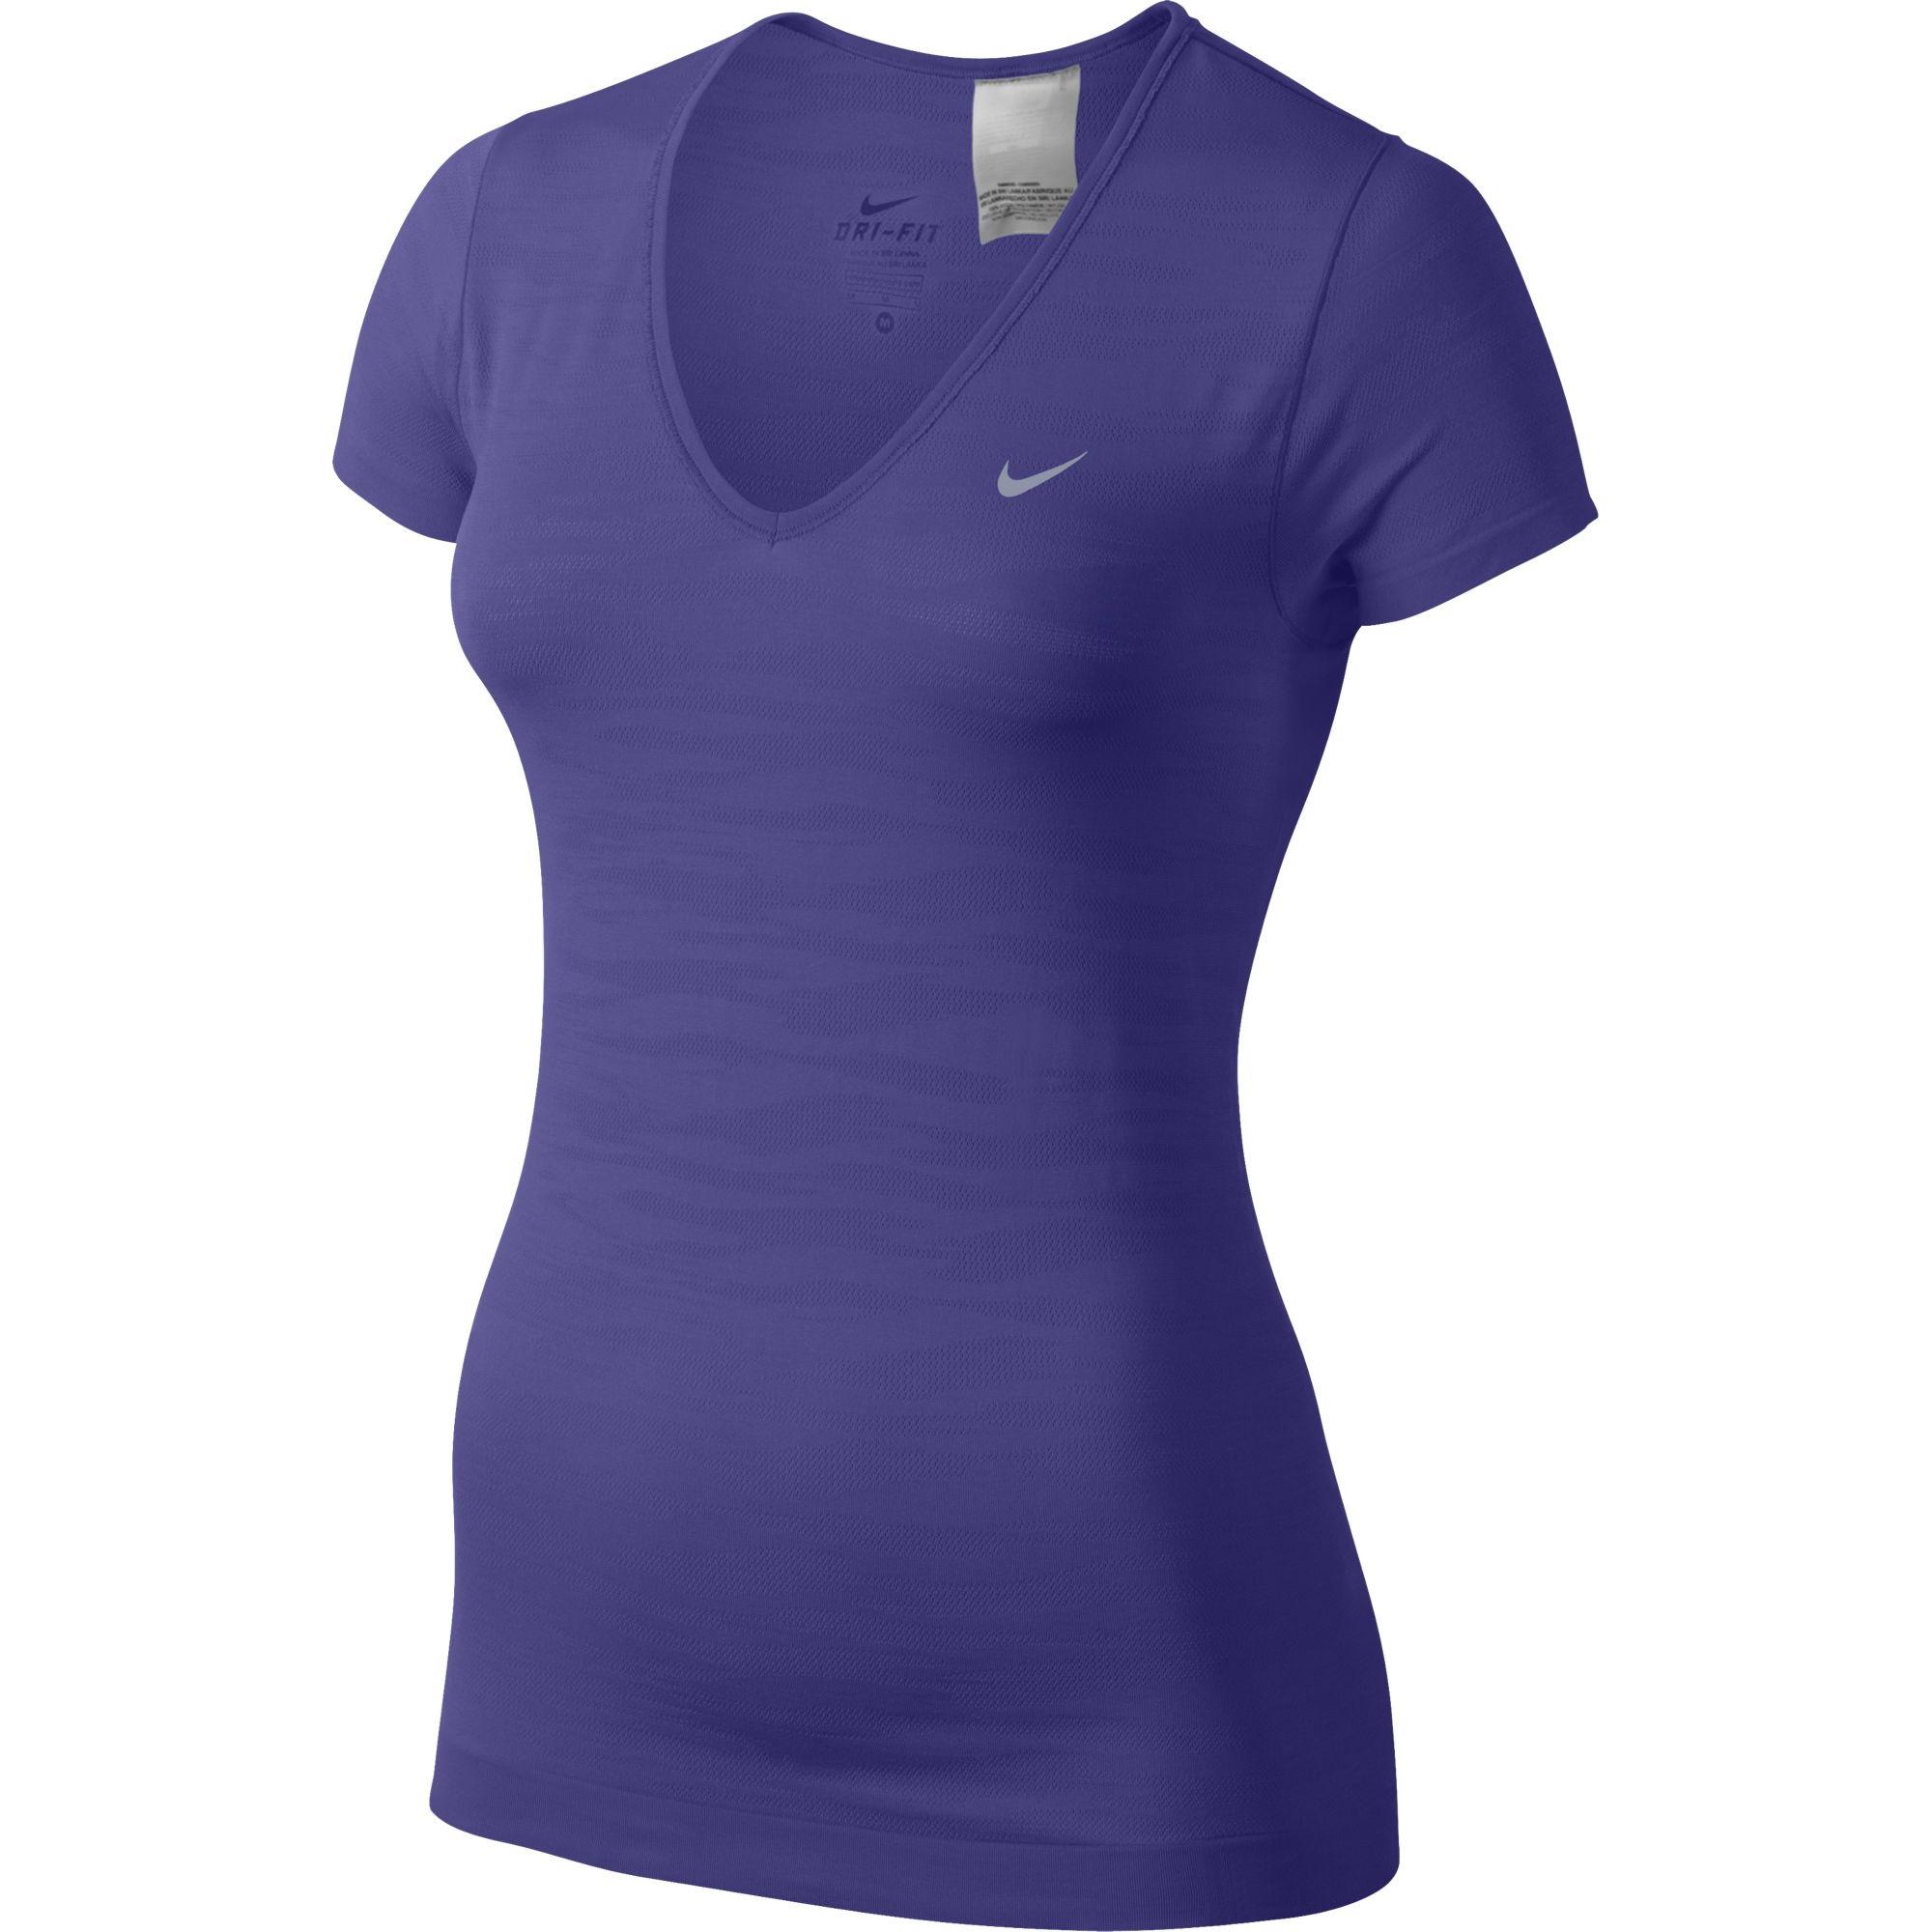 nouveau concept a385f 7dcf0 NIKE T-Shirt DRI-FIT KNIT Femme